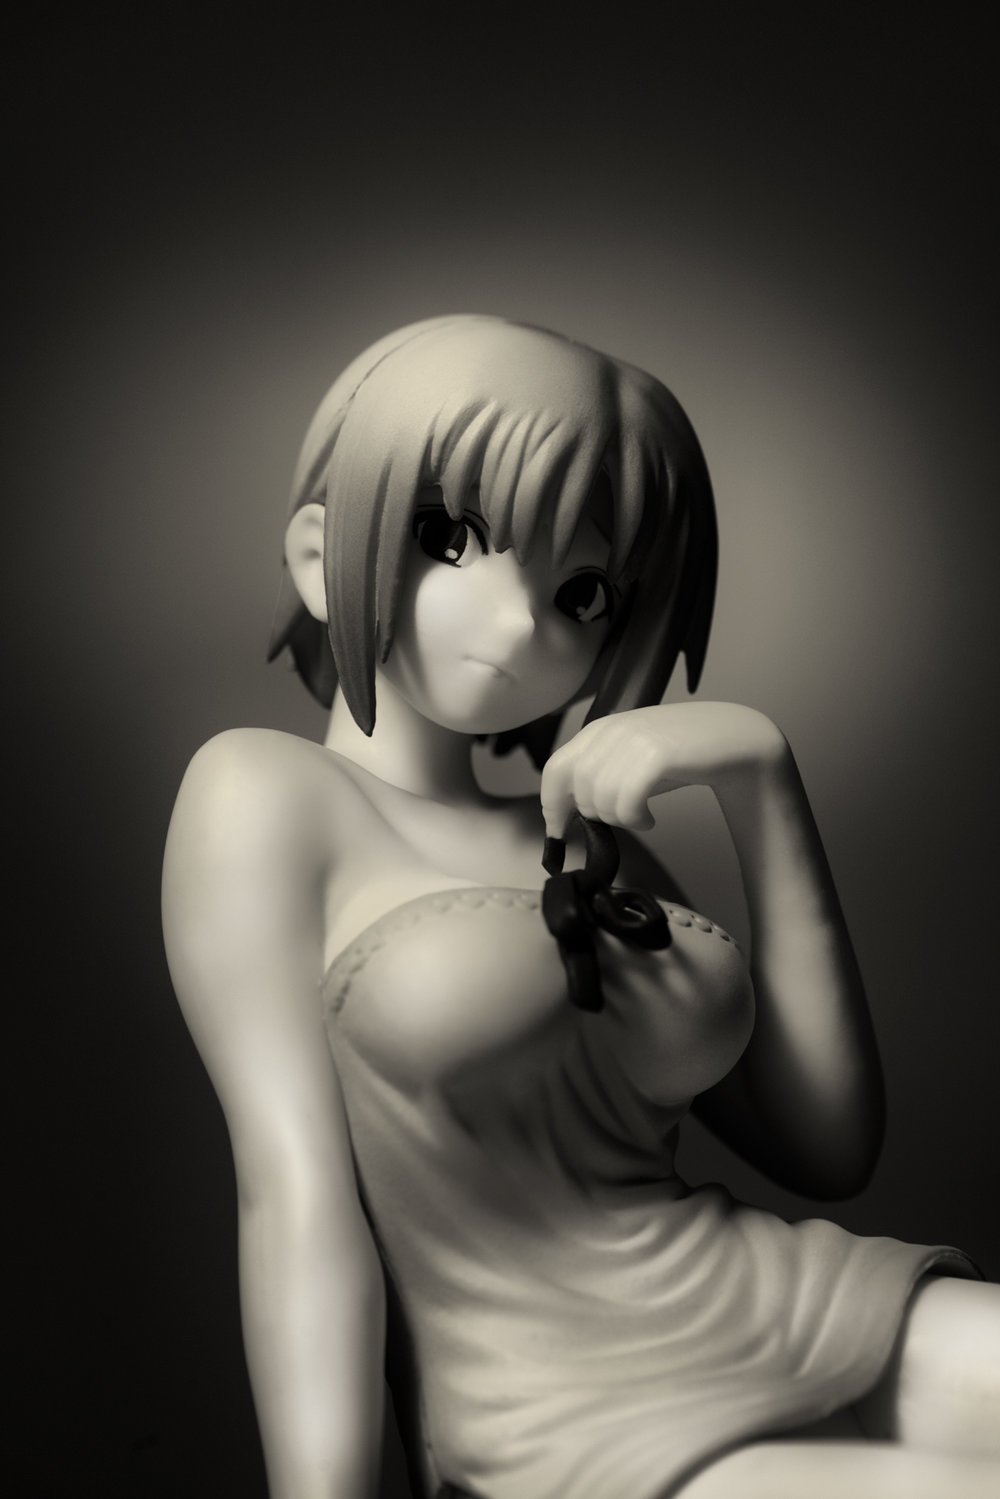 fo_manga - portrait #12